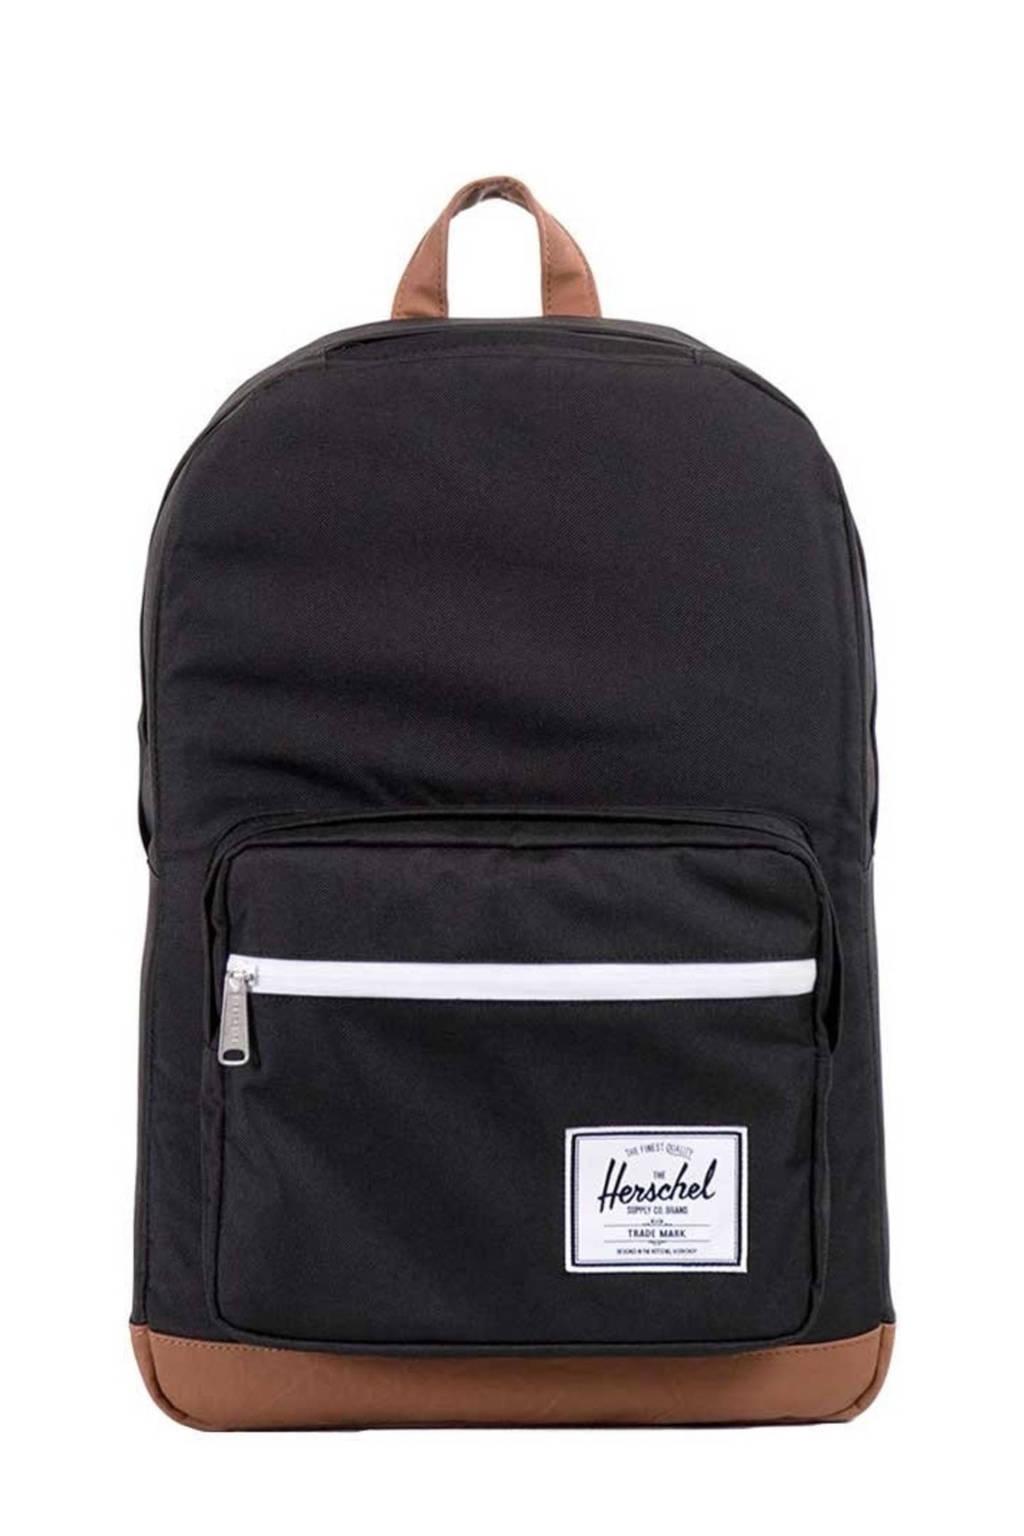 Herschel  rugzak zwart, Zwart